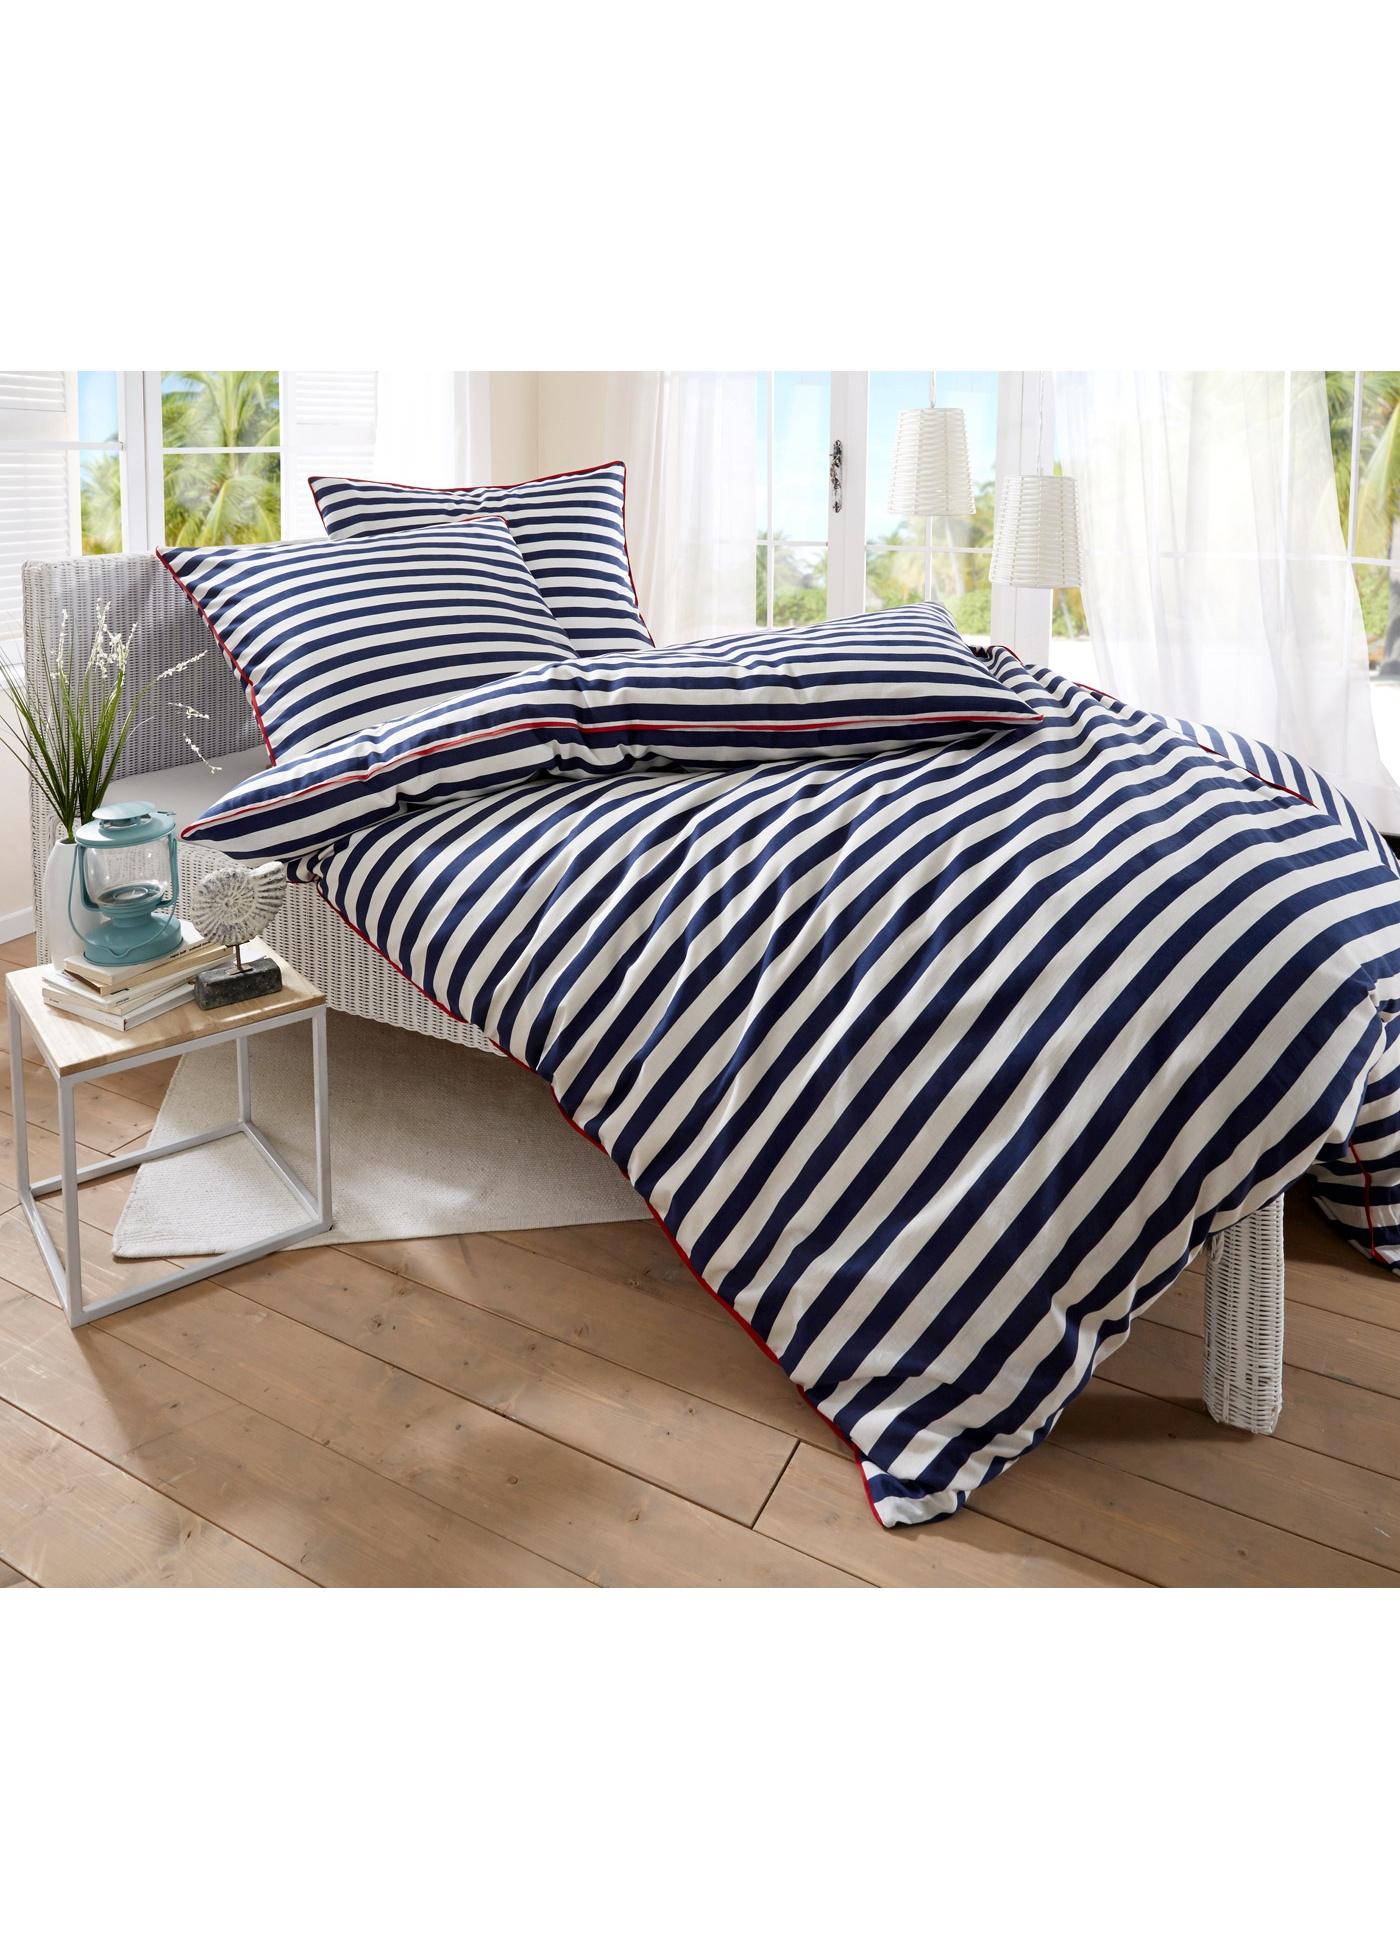 Linge de lit rayé avec jolie finition passepoilée contrastante. Disponible en parure 2 ou 4 pces. et en tissage renforcé en coton de qualité supérieure.